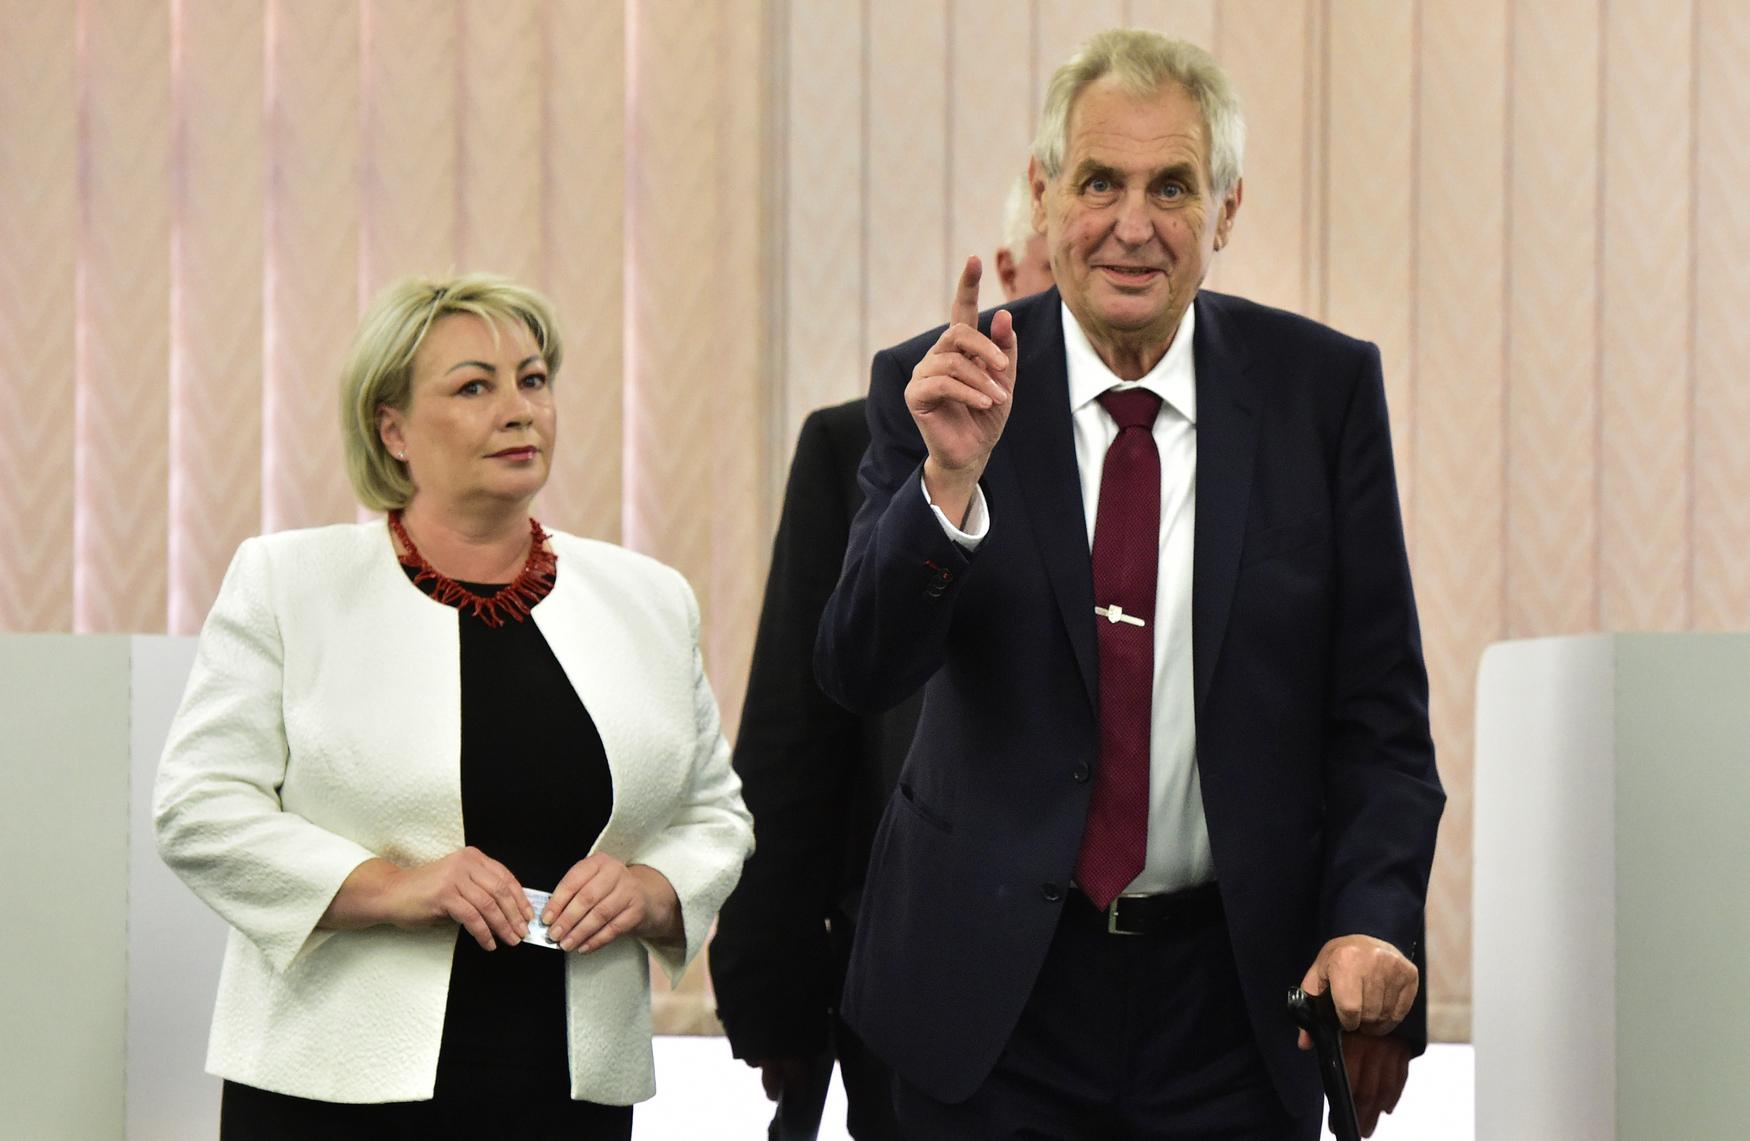 Prezident Miloš Zeman a první dáma Ivana Zemanová během komunálních voleb